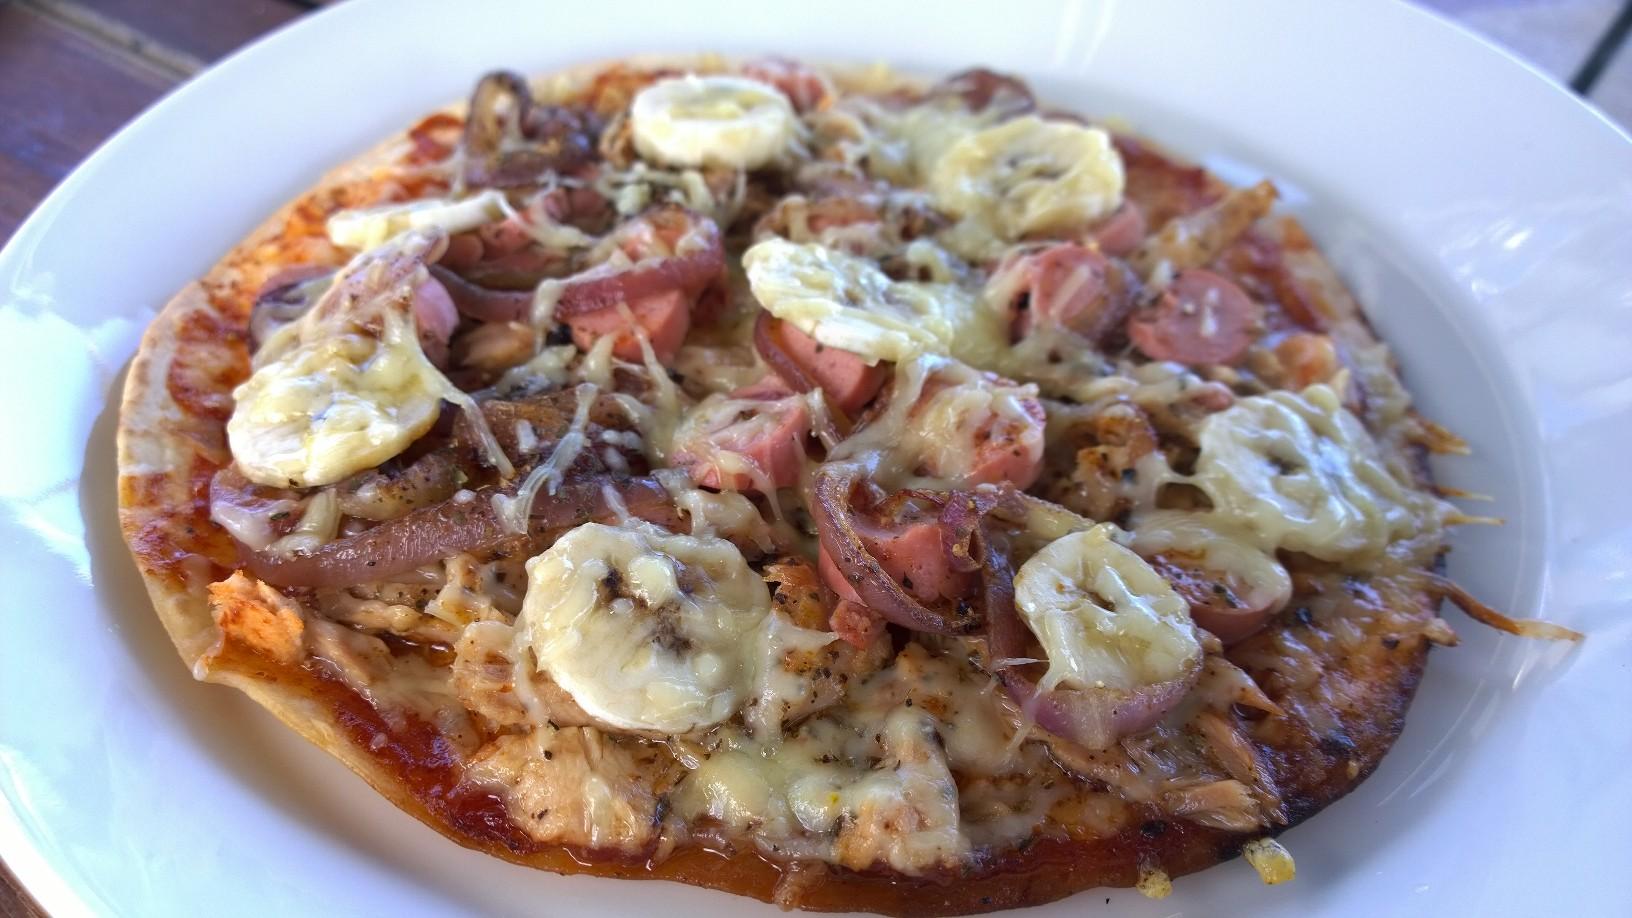 Tadaa! Pizzassa on tonnikalaa, bonitoa, nakkeja ja banaania! Oli vielä ok:n makuista. Että pistäkää paremmaksi!